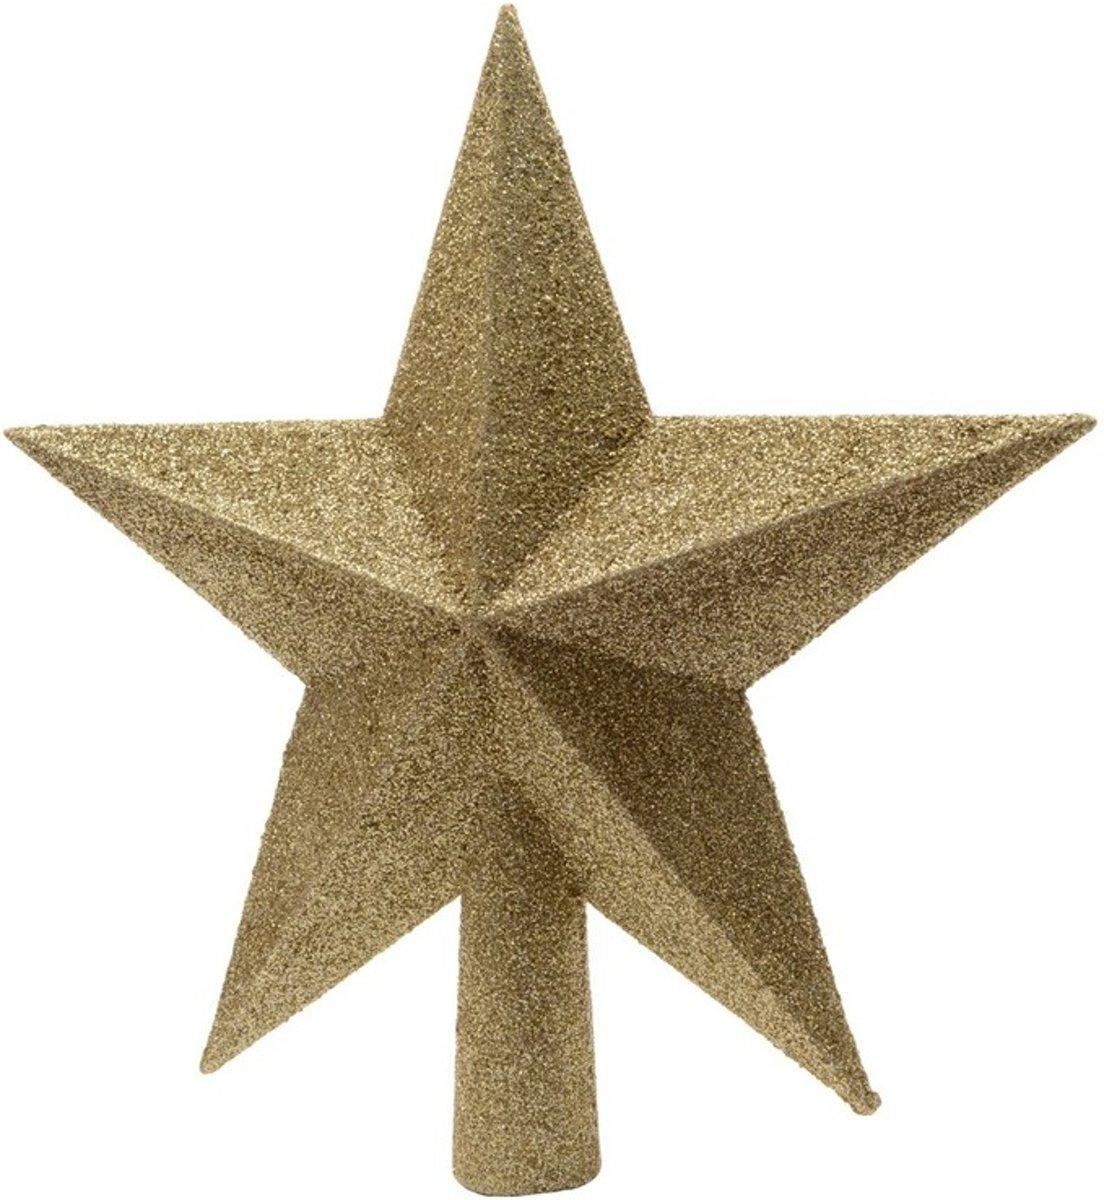 Gouden kerstboom ster piek van kunststof 19 cm - Kerstboomversiering goud kopen